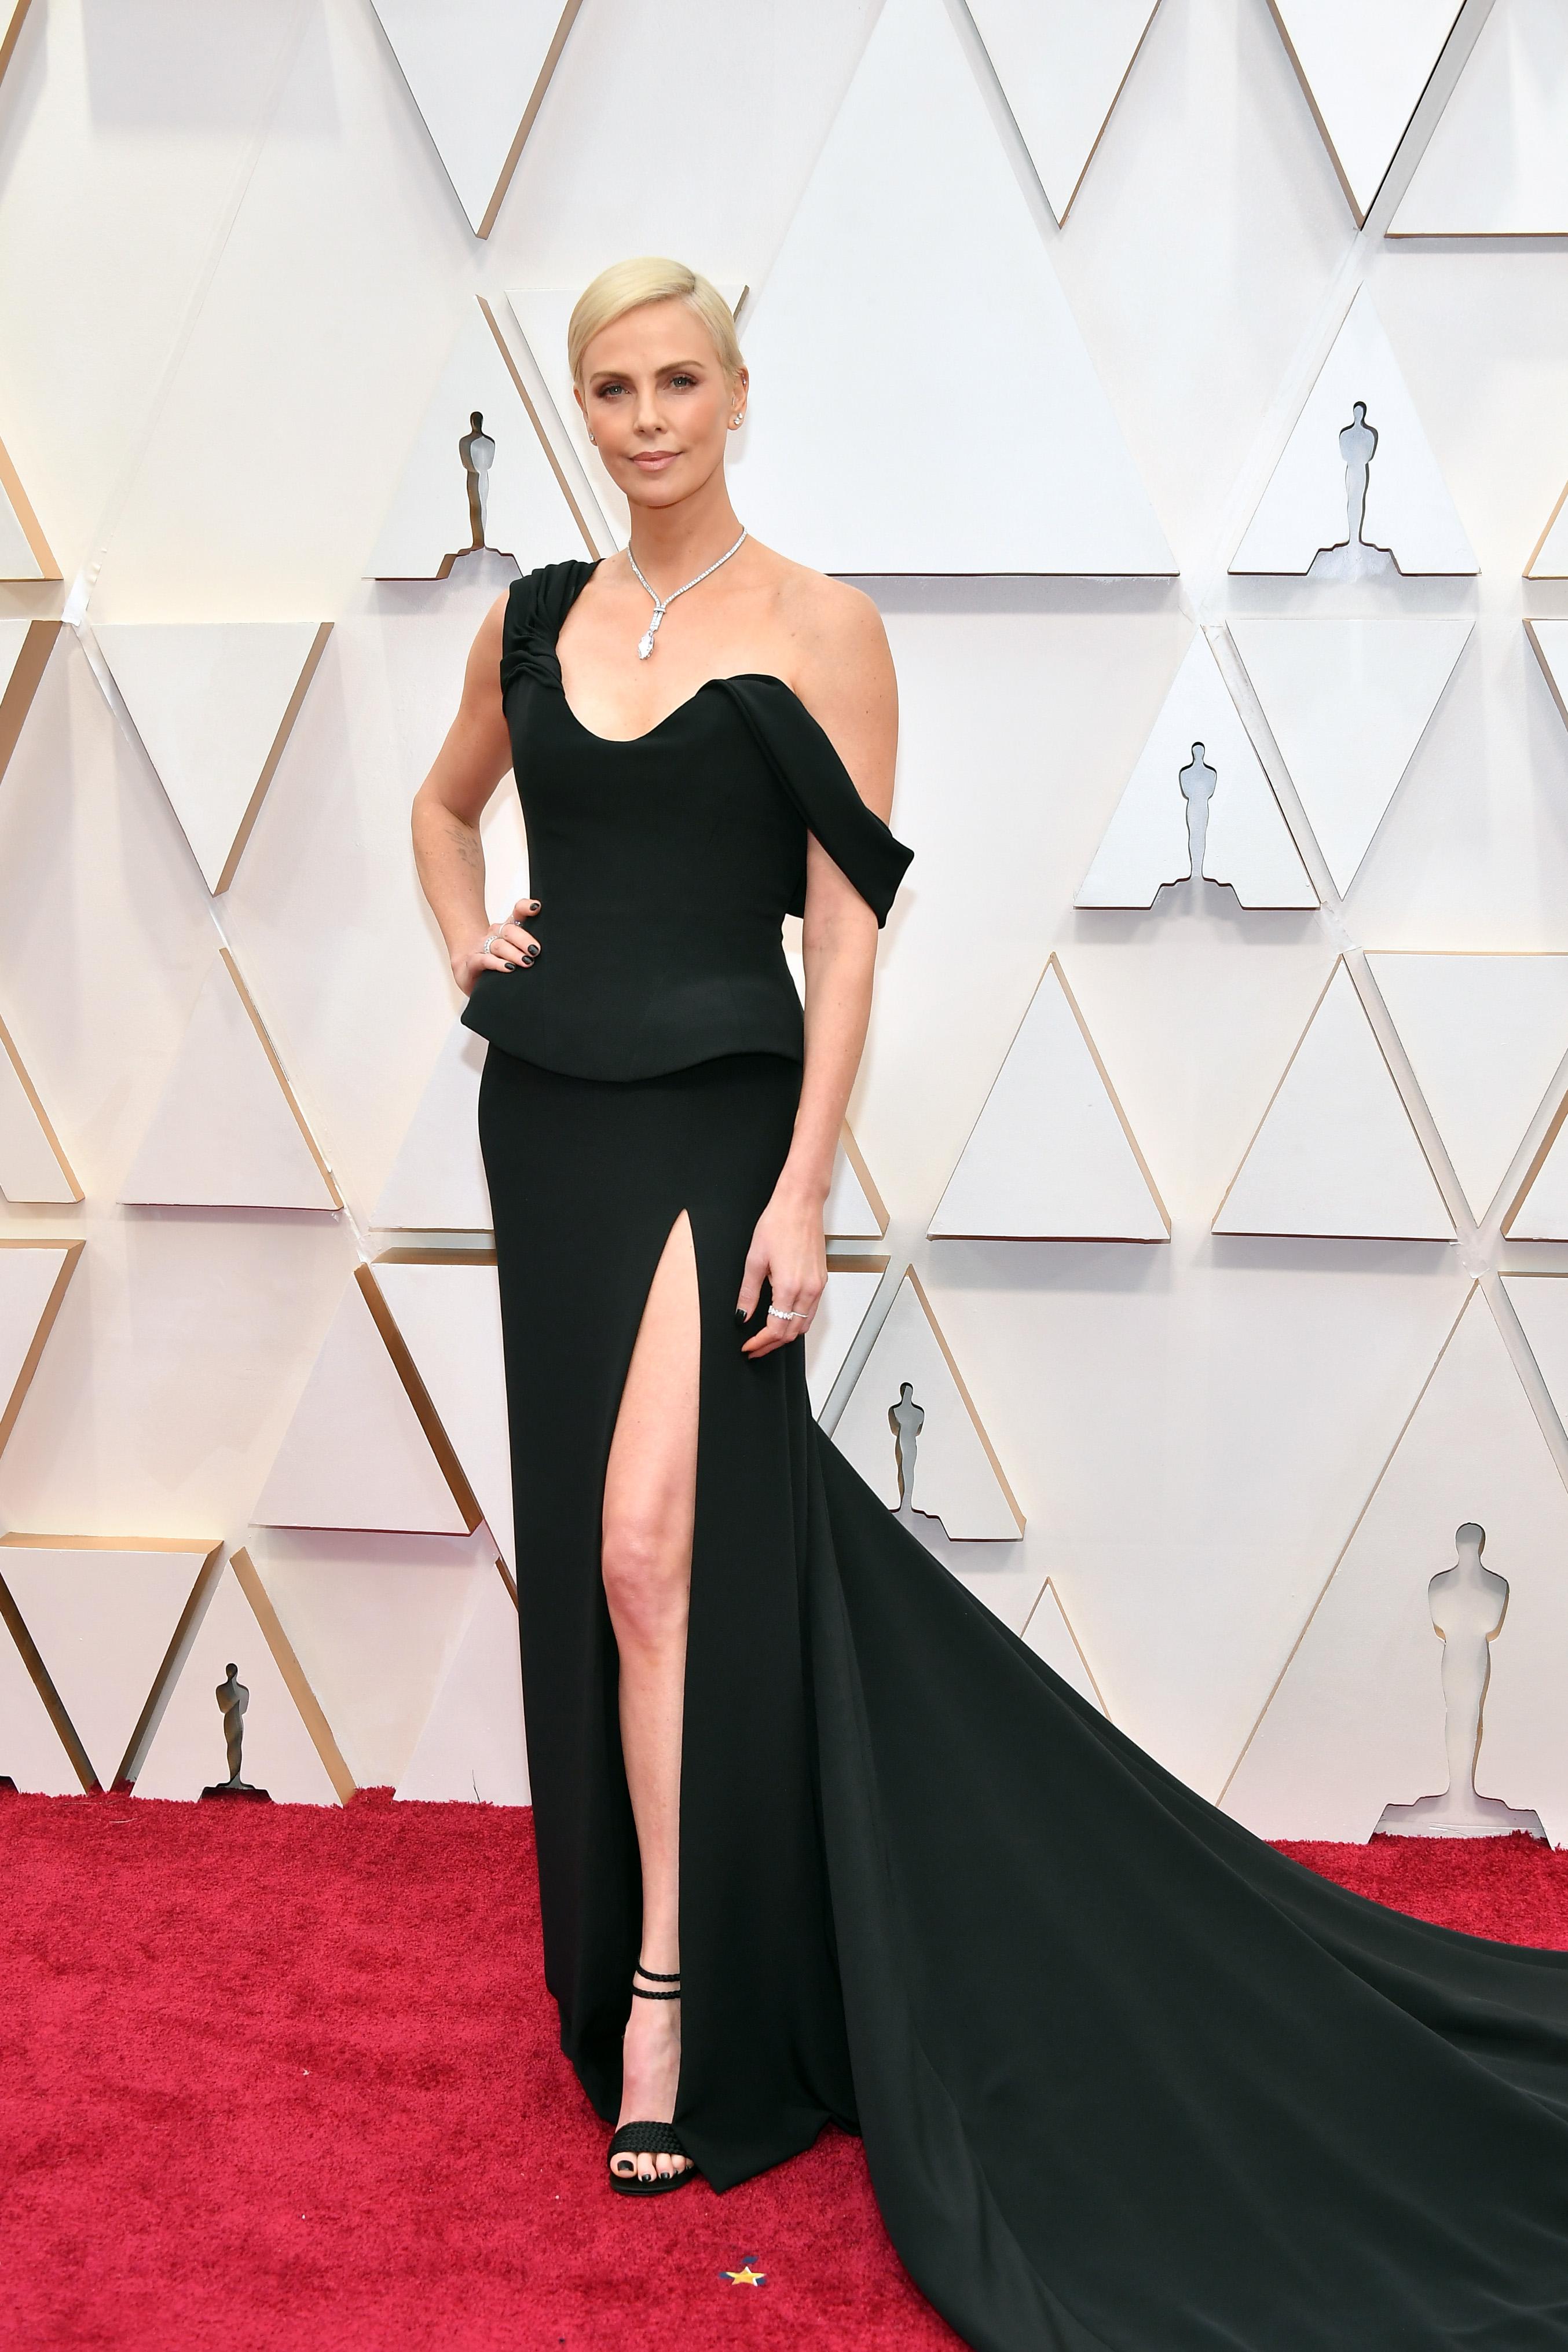 Чарлийз Терон в Dior  Dior е почеркът на актрисата, говорейки за червен килим, а умерено предизвикателната черна рокля е поредното добро попадение.